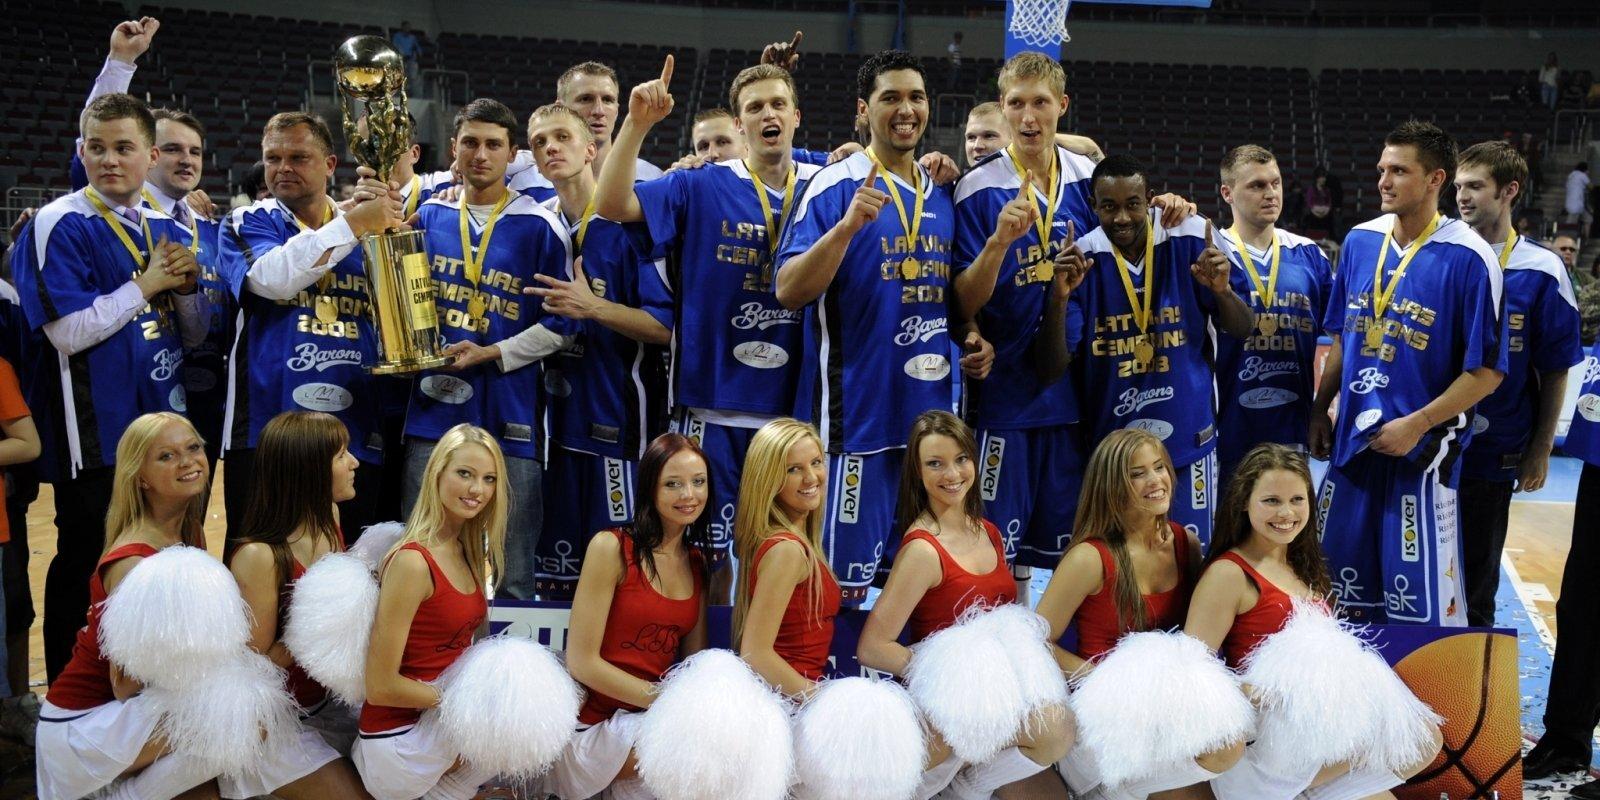 Izcilās komandas: 'Barons/LMT' 'treknajos gados' iekaro Latviju un Eiropu